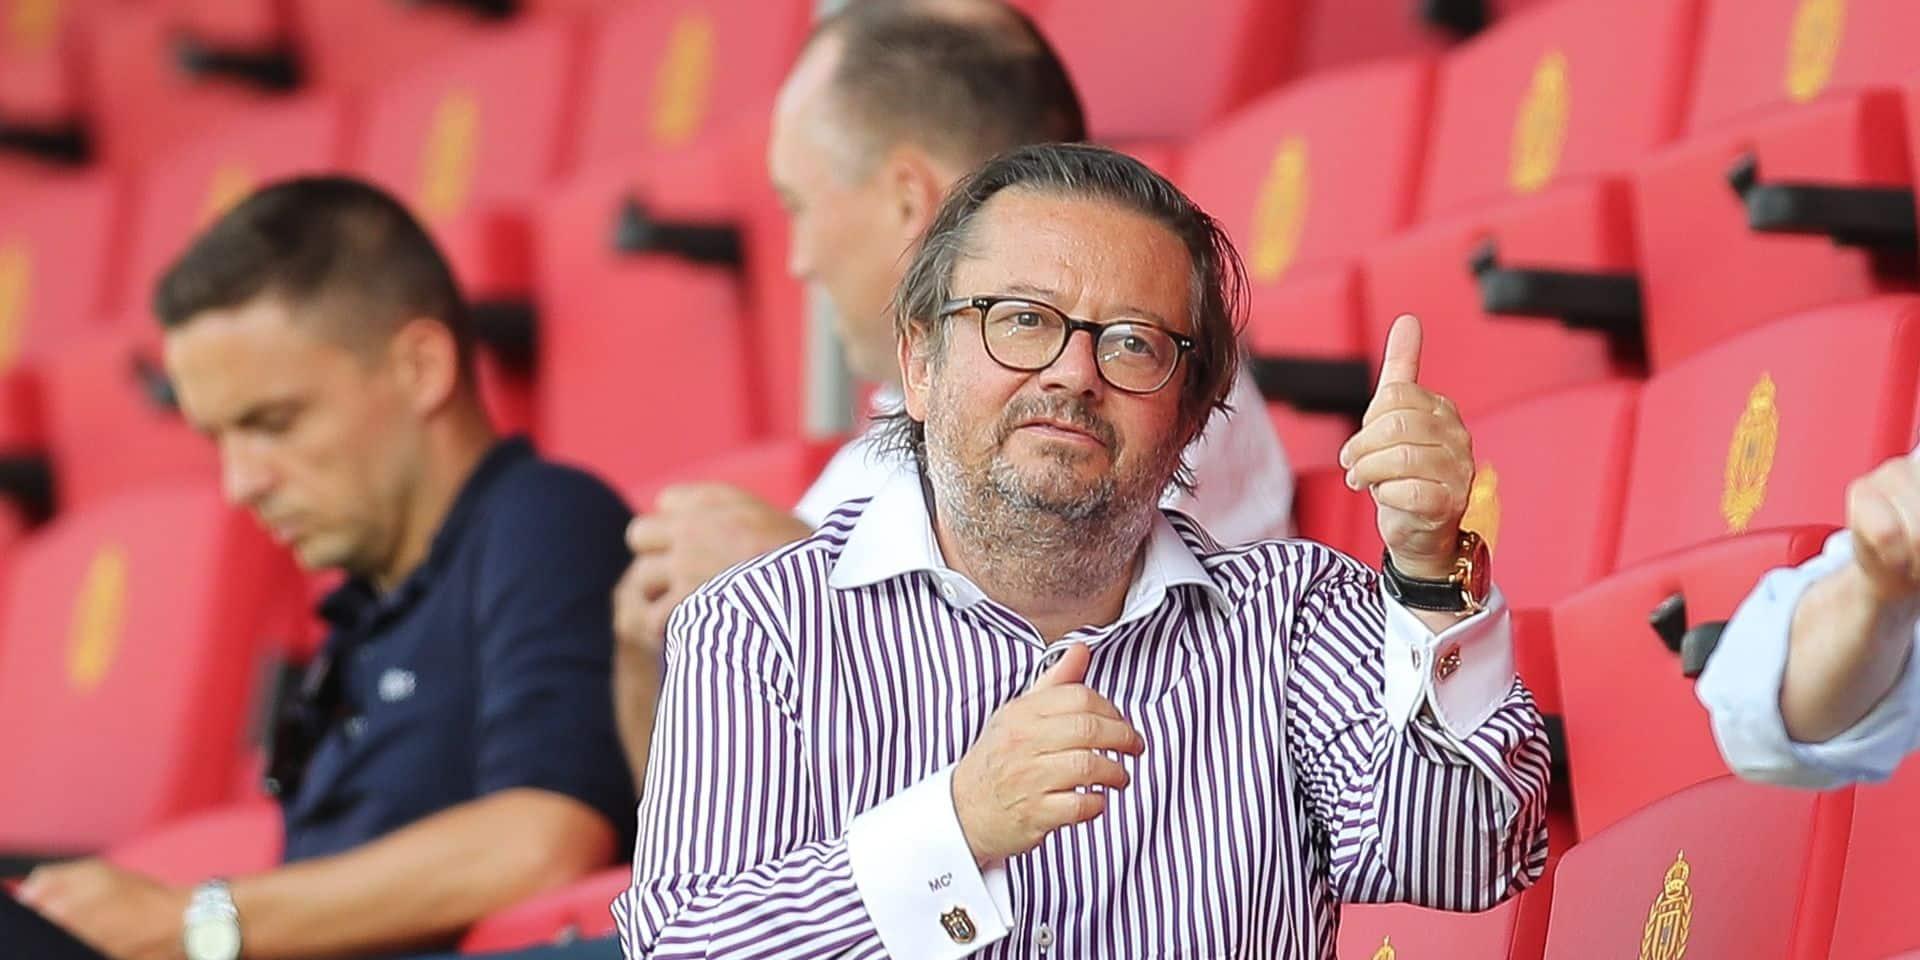 Le RSCA aura sa licence l'an prochain: les actionnaires comblent un trou de 5 millions d'euros pour sauver le club